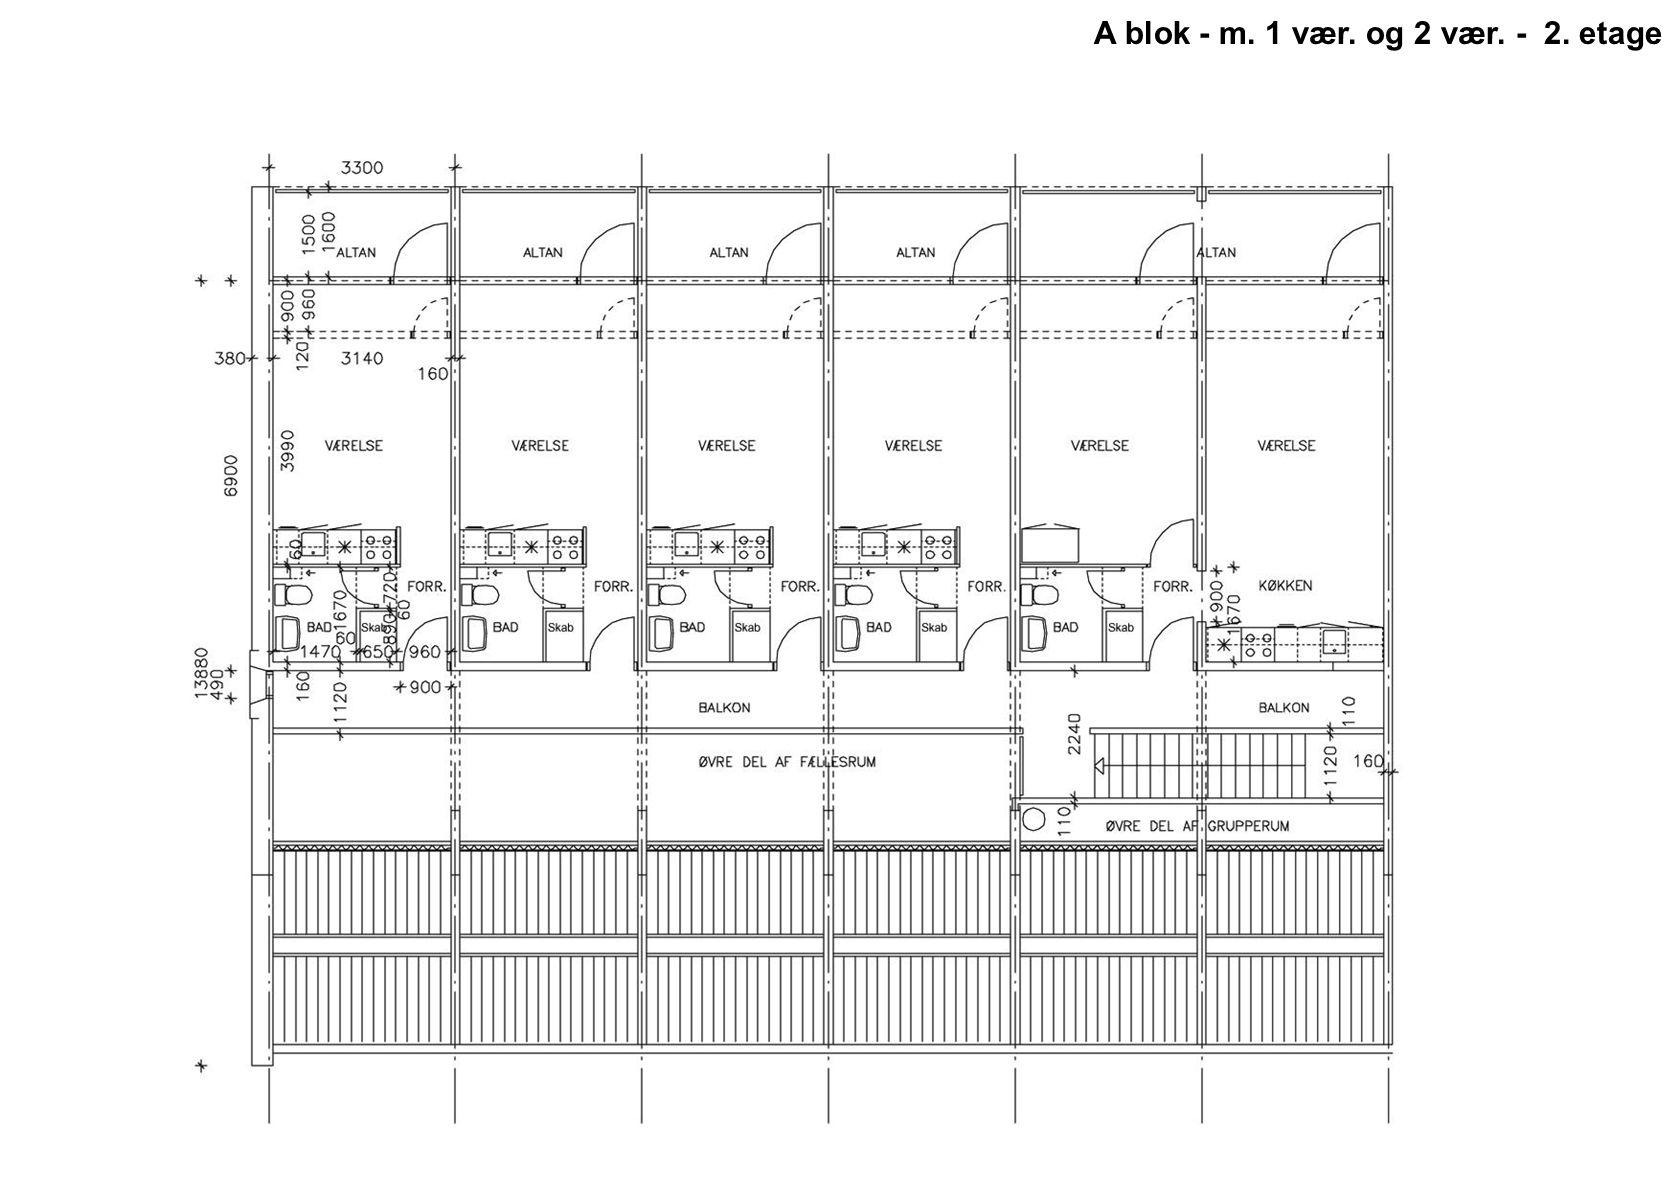 A blok - m. 1 vær. og 2 vær. - 2. etage